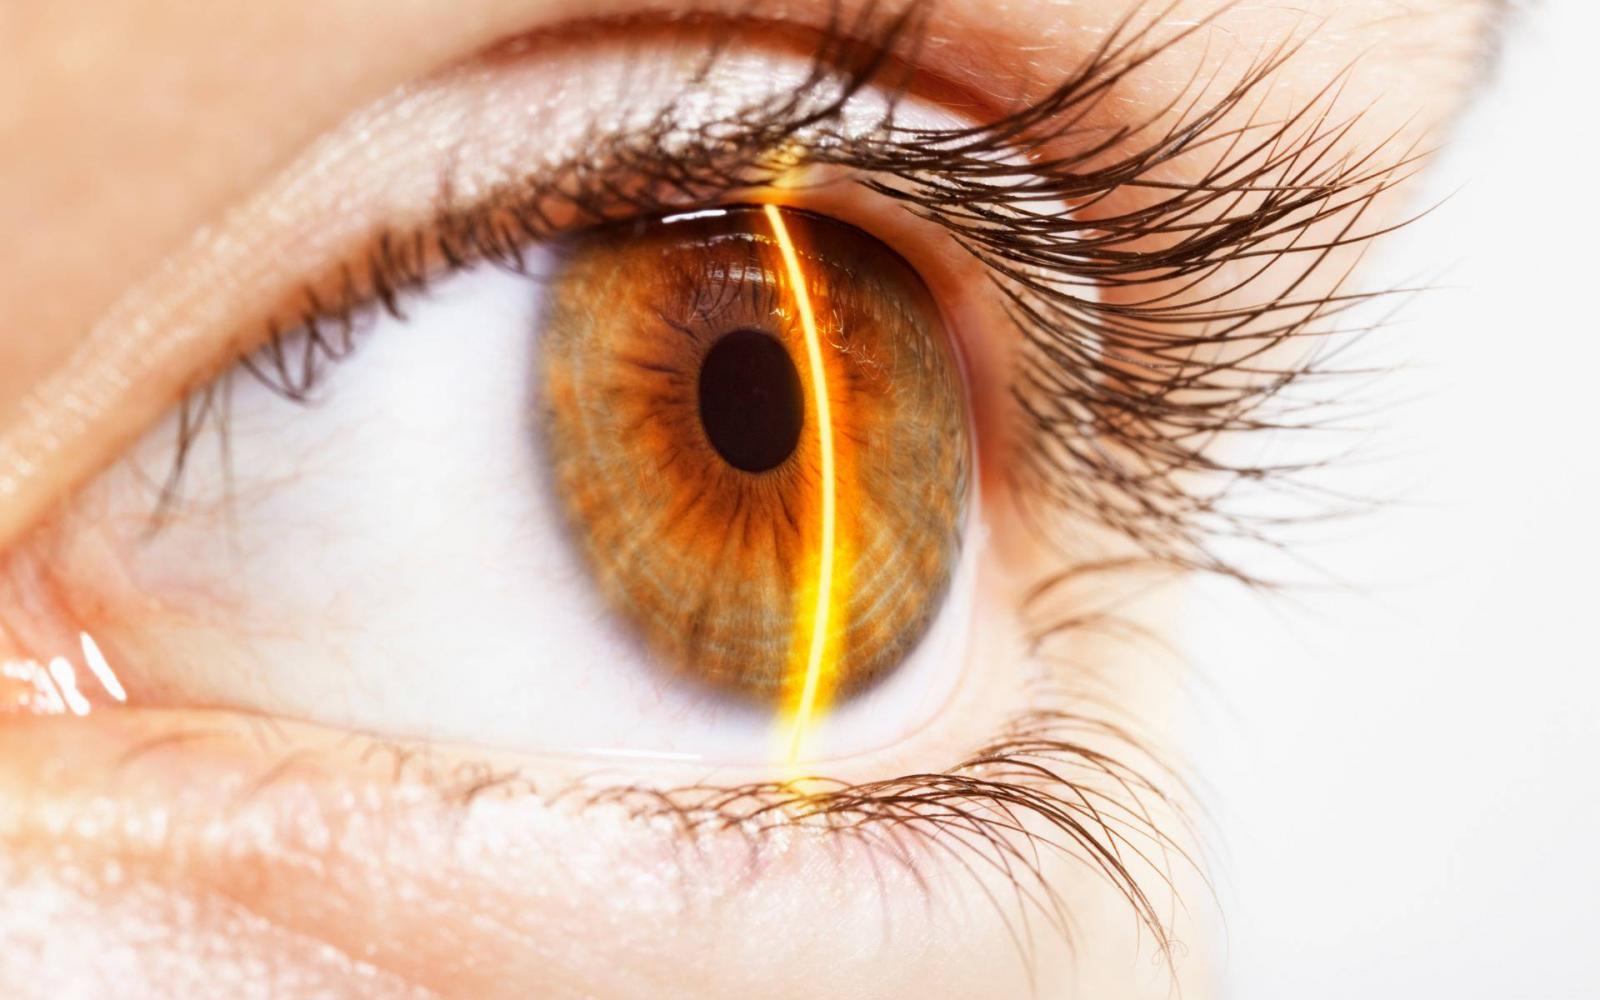 látás a szemen kívül mi a látásélesség csökkenése